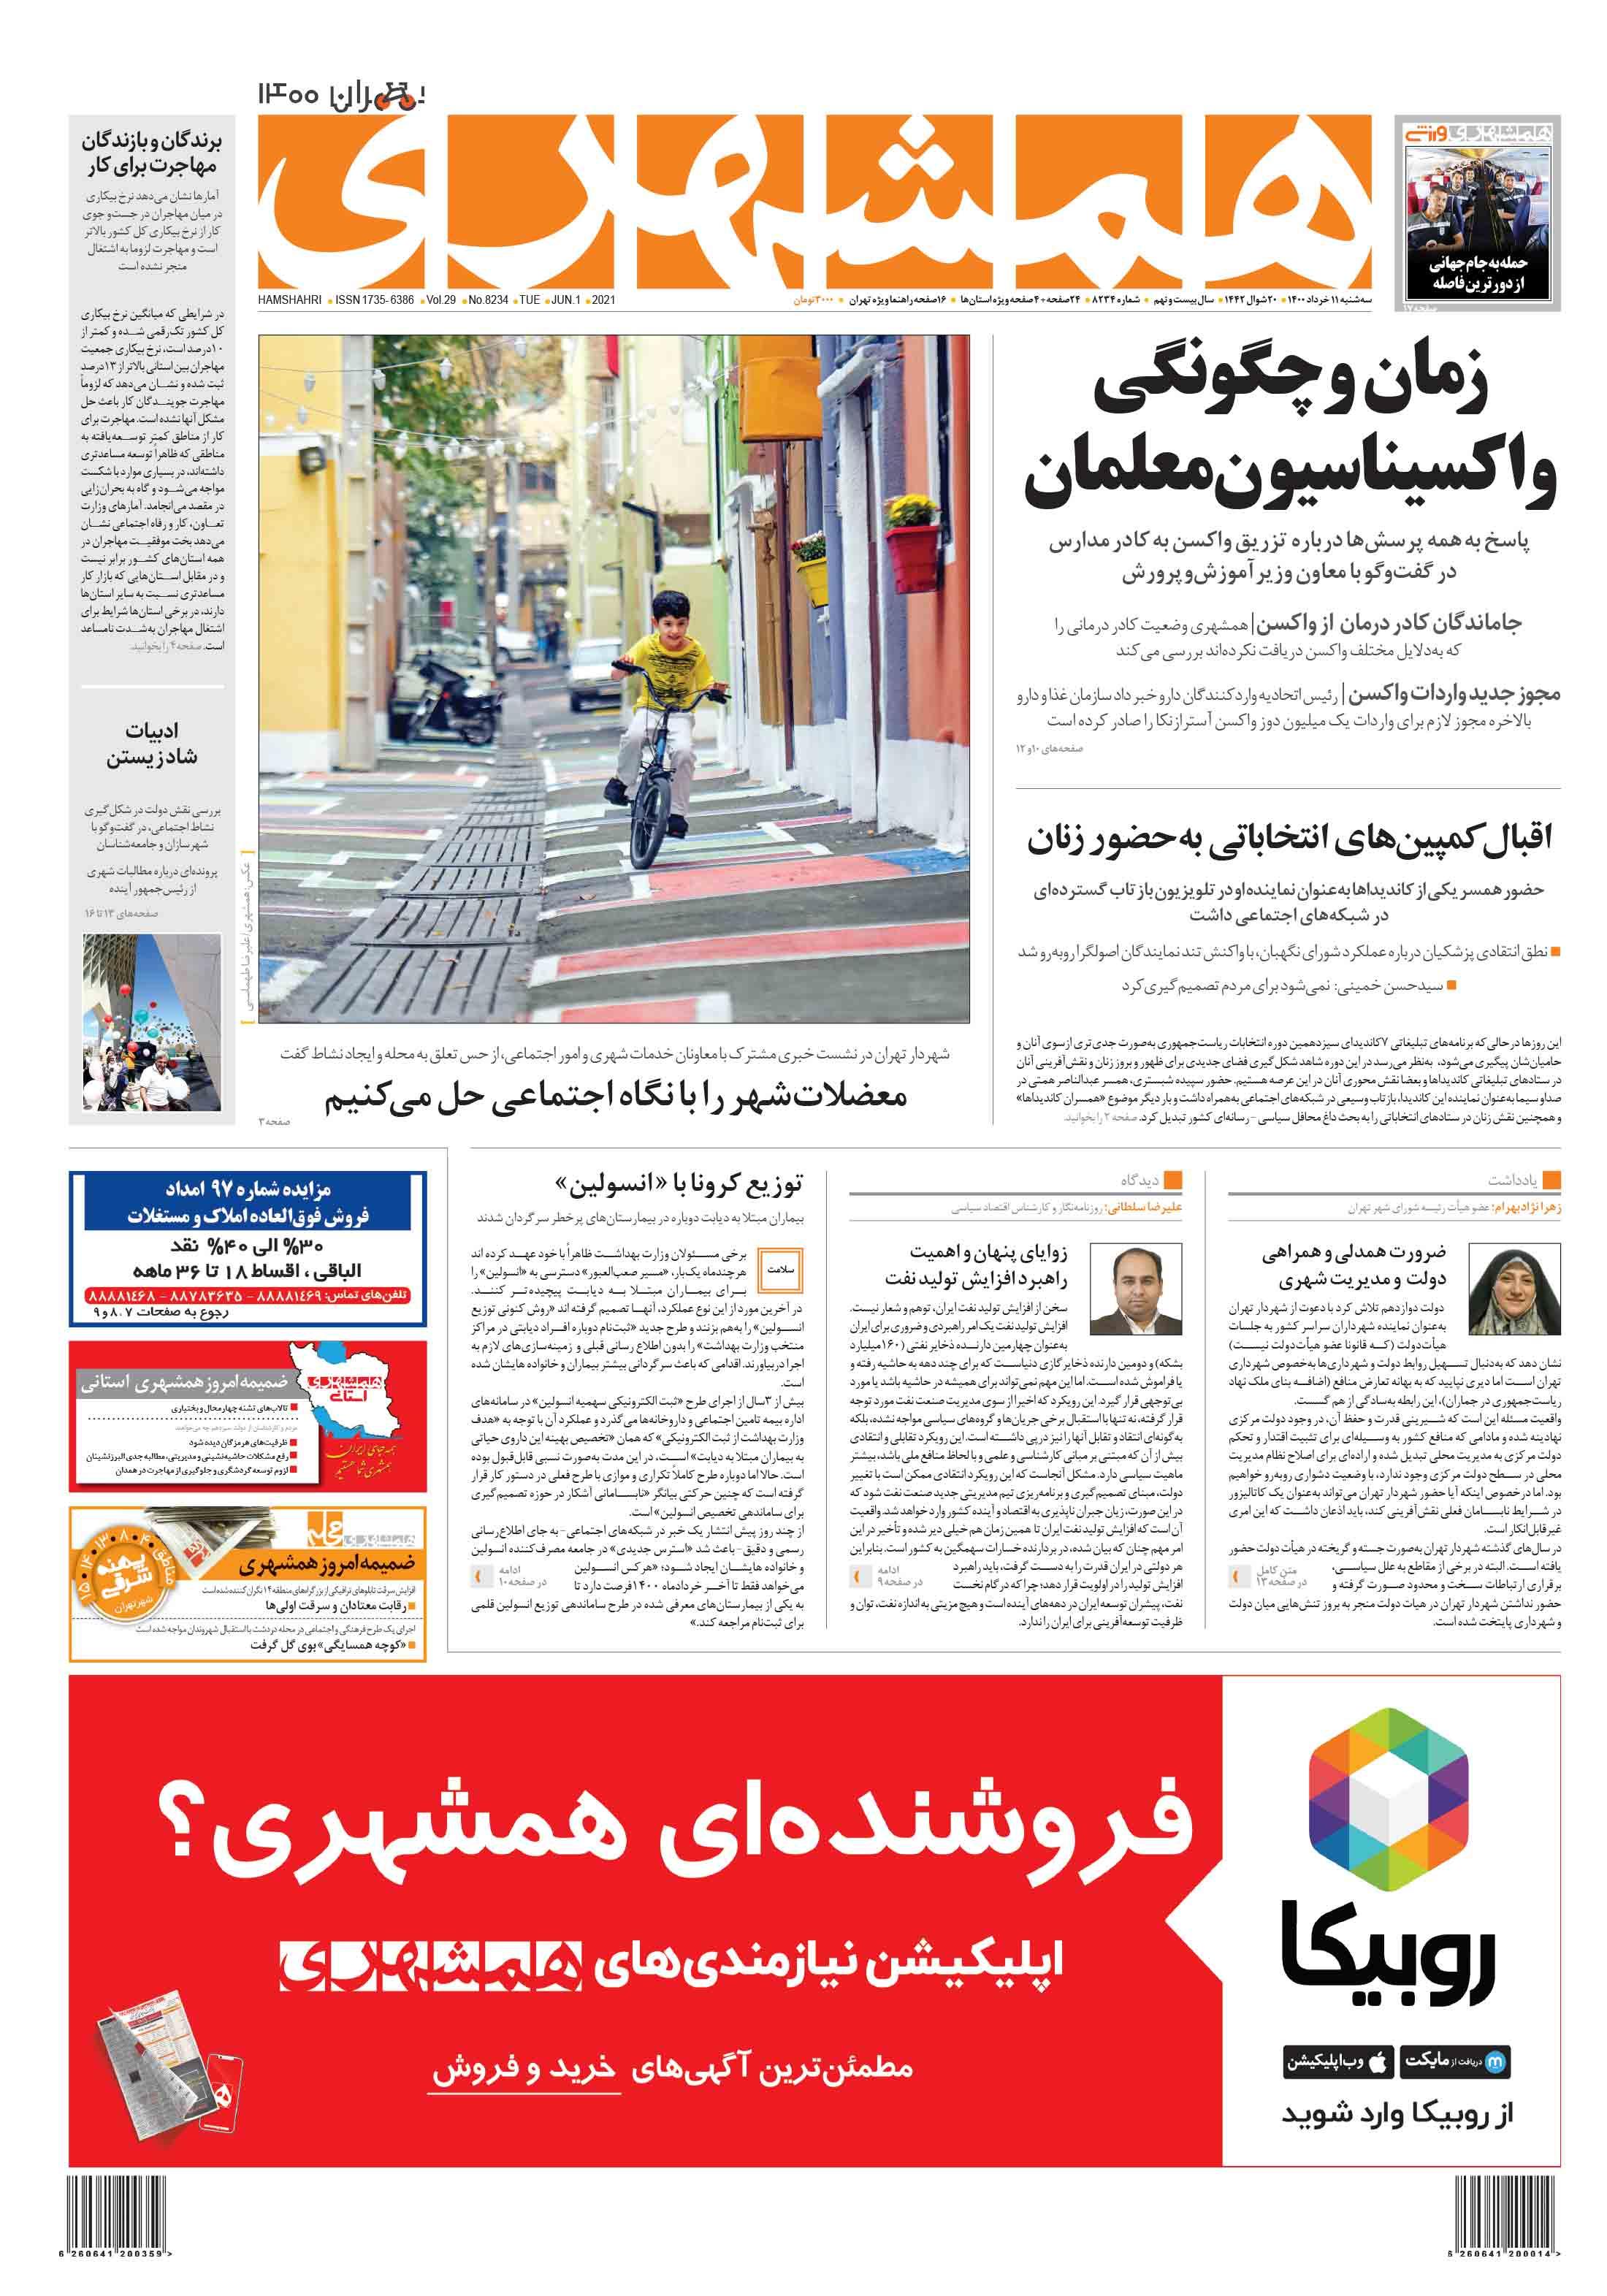 صفحه اول سهشنبه 11 خرداد 1400